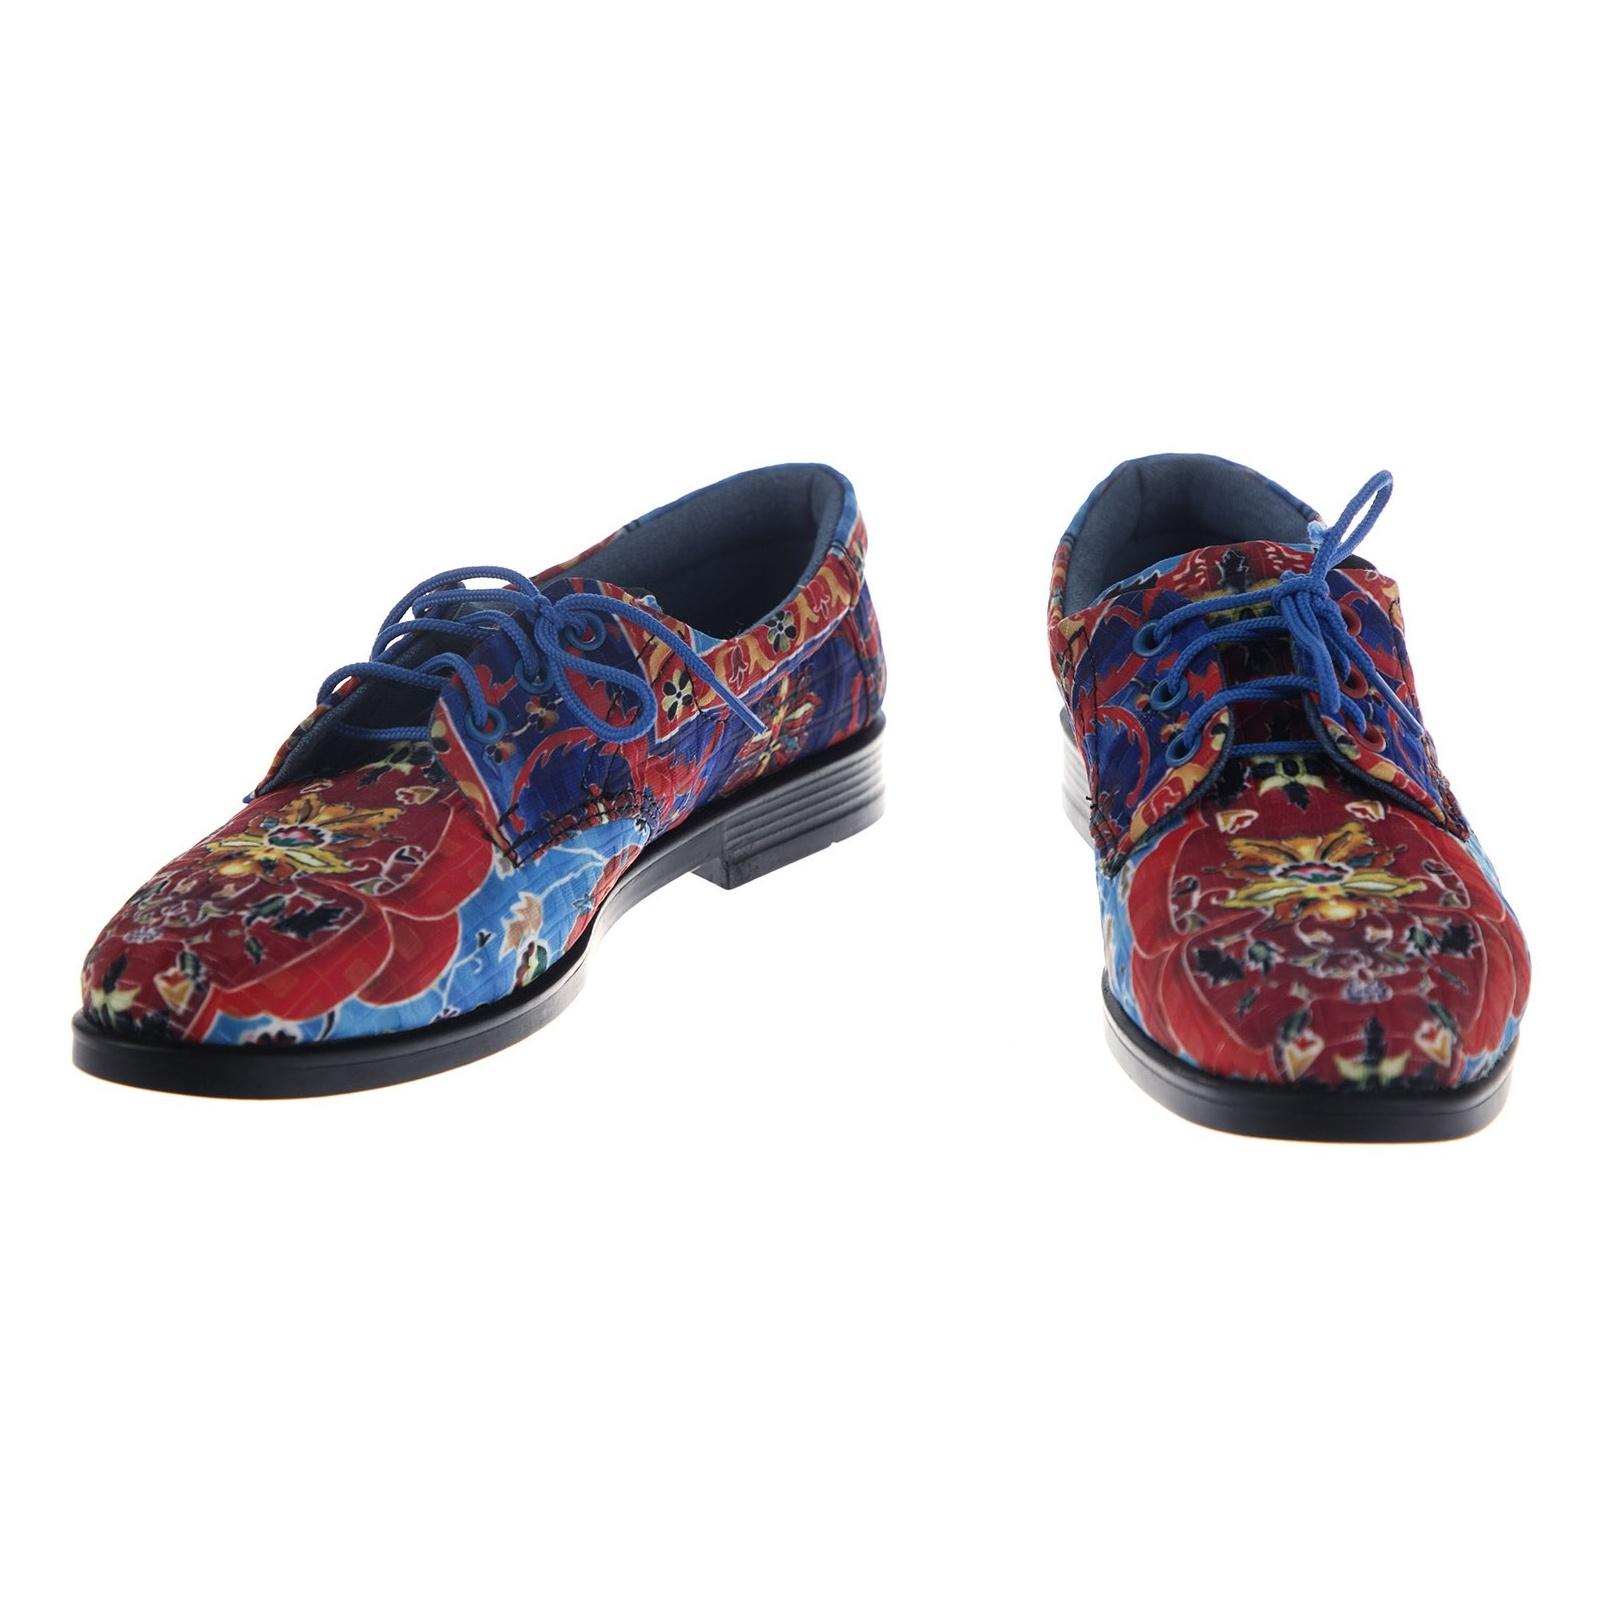 کفش تخت زنانه مدل نقاشی - مینا فخارزاده - قرمز/ آبی - 4